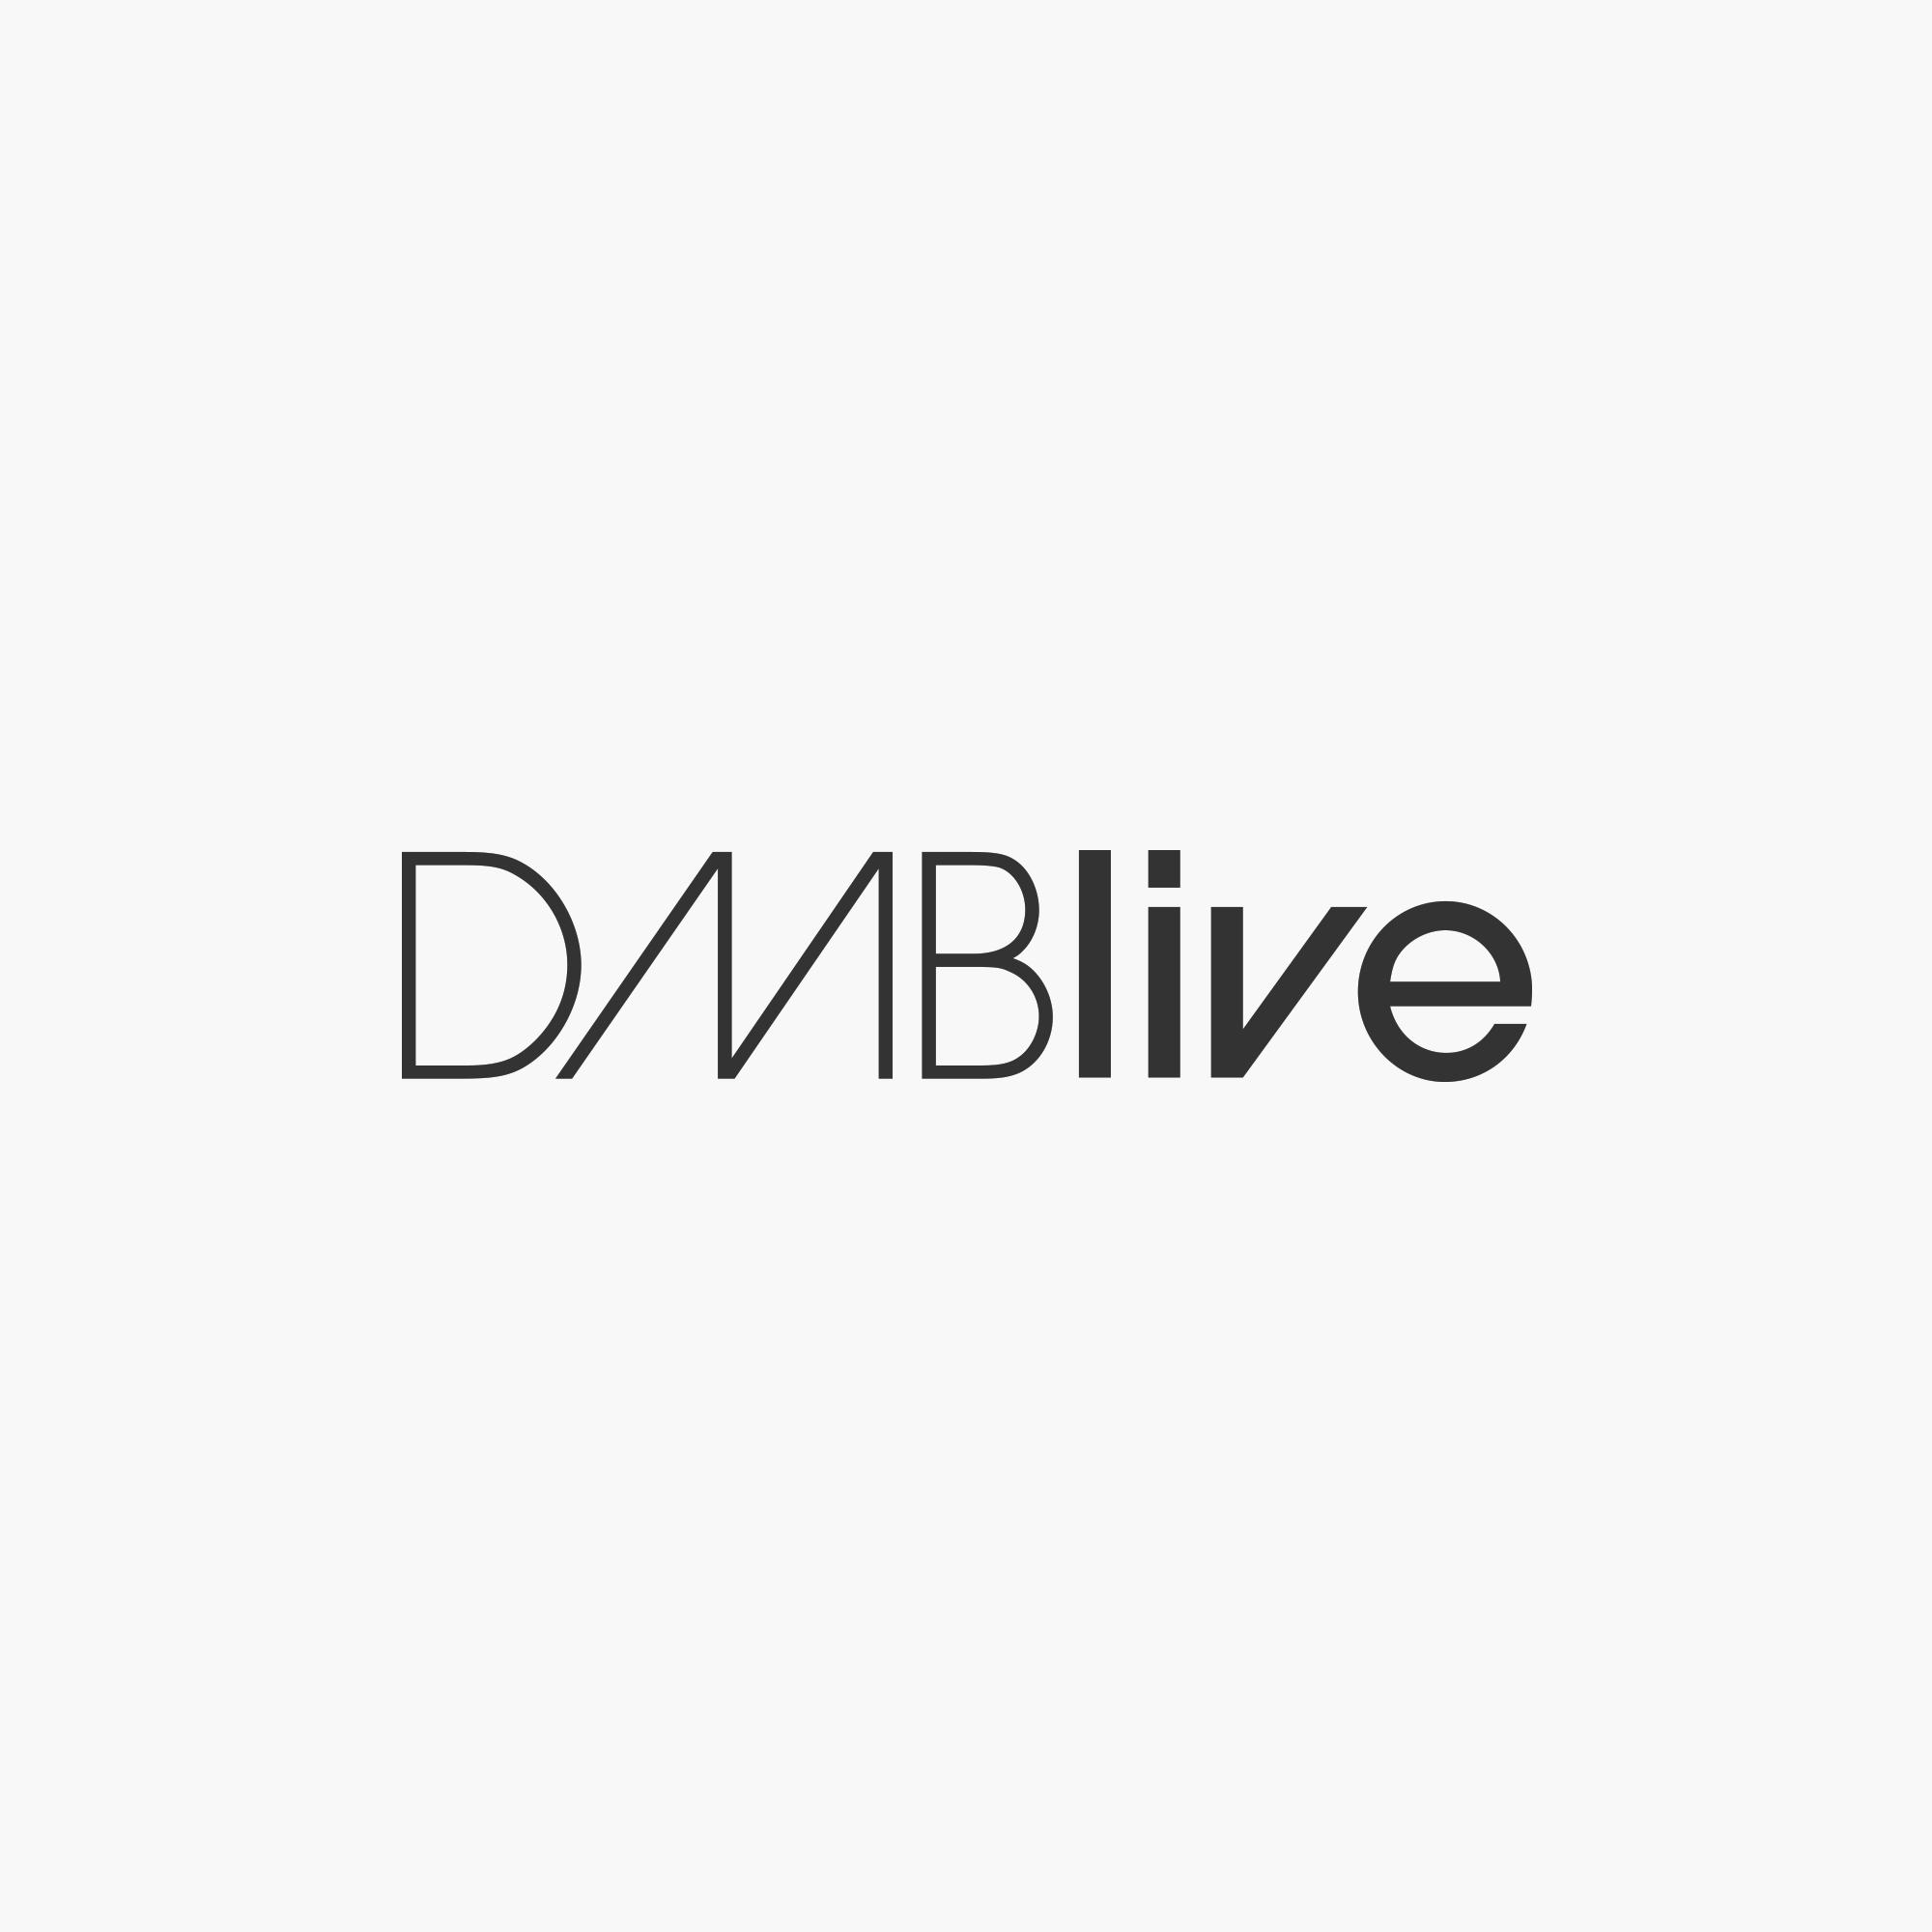 Logos_DaveMatthewsBandLive@2x.png